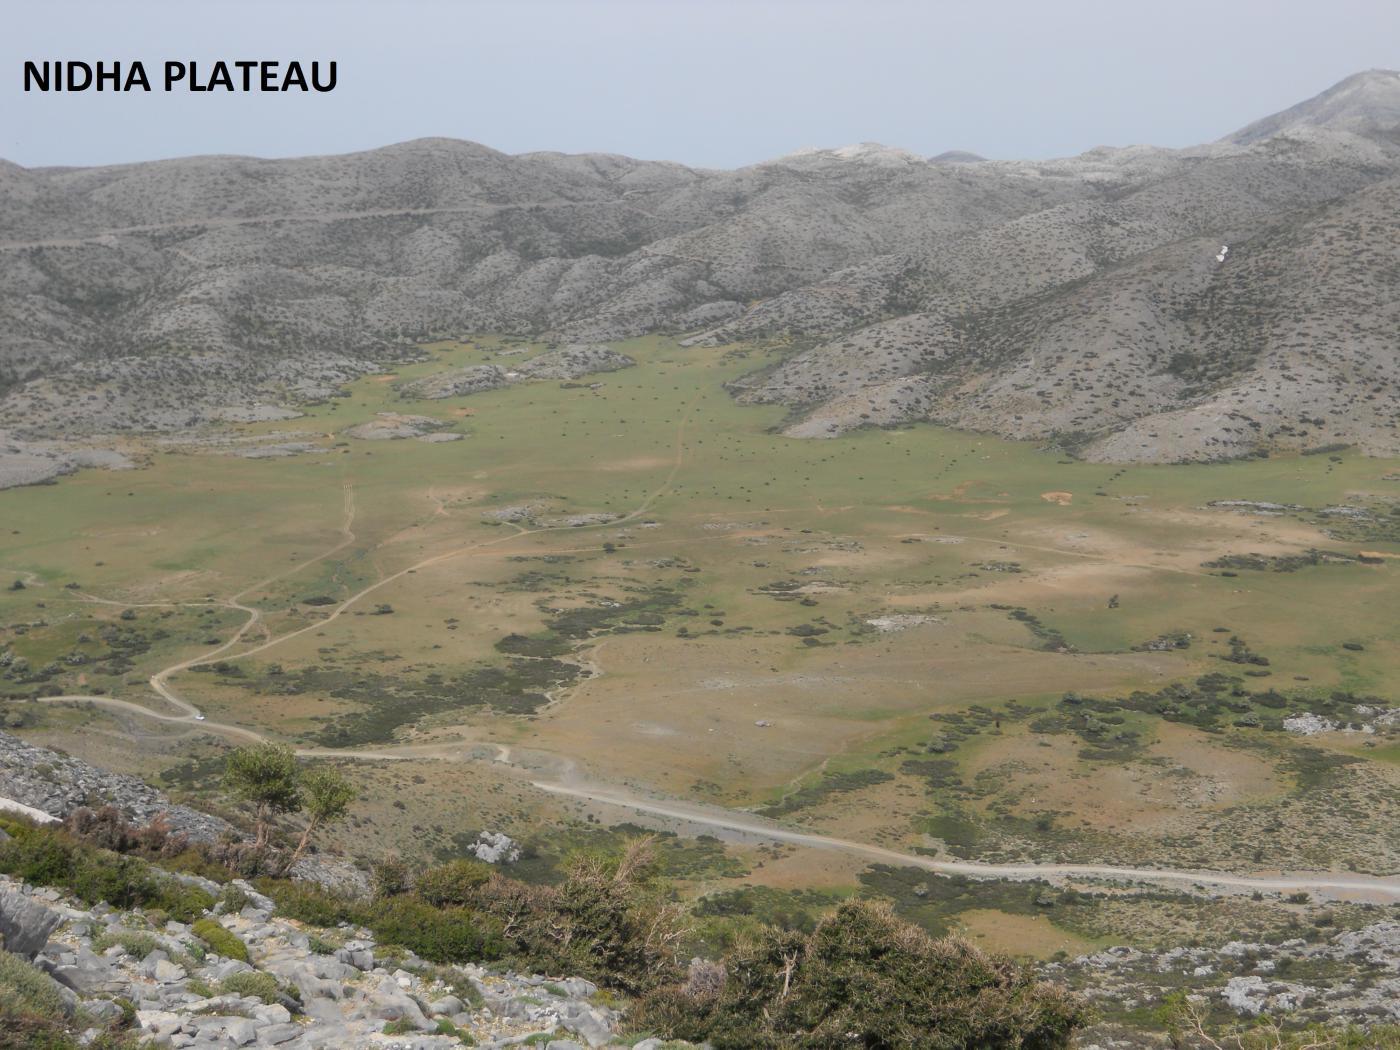 nidha plateau